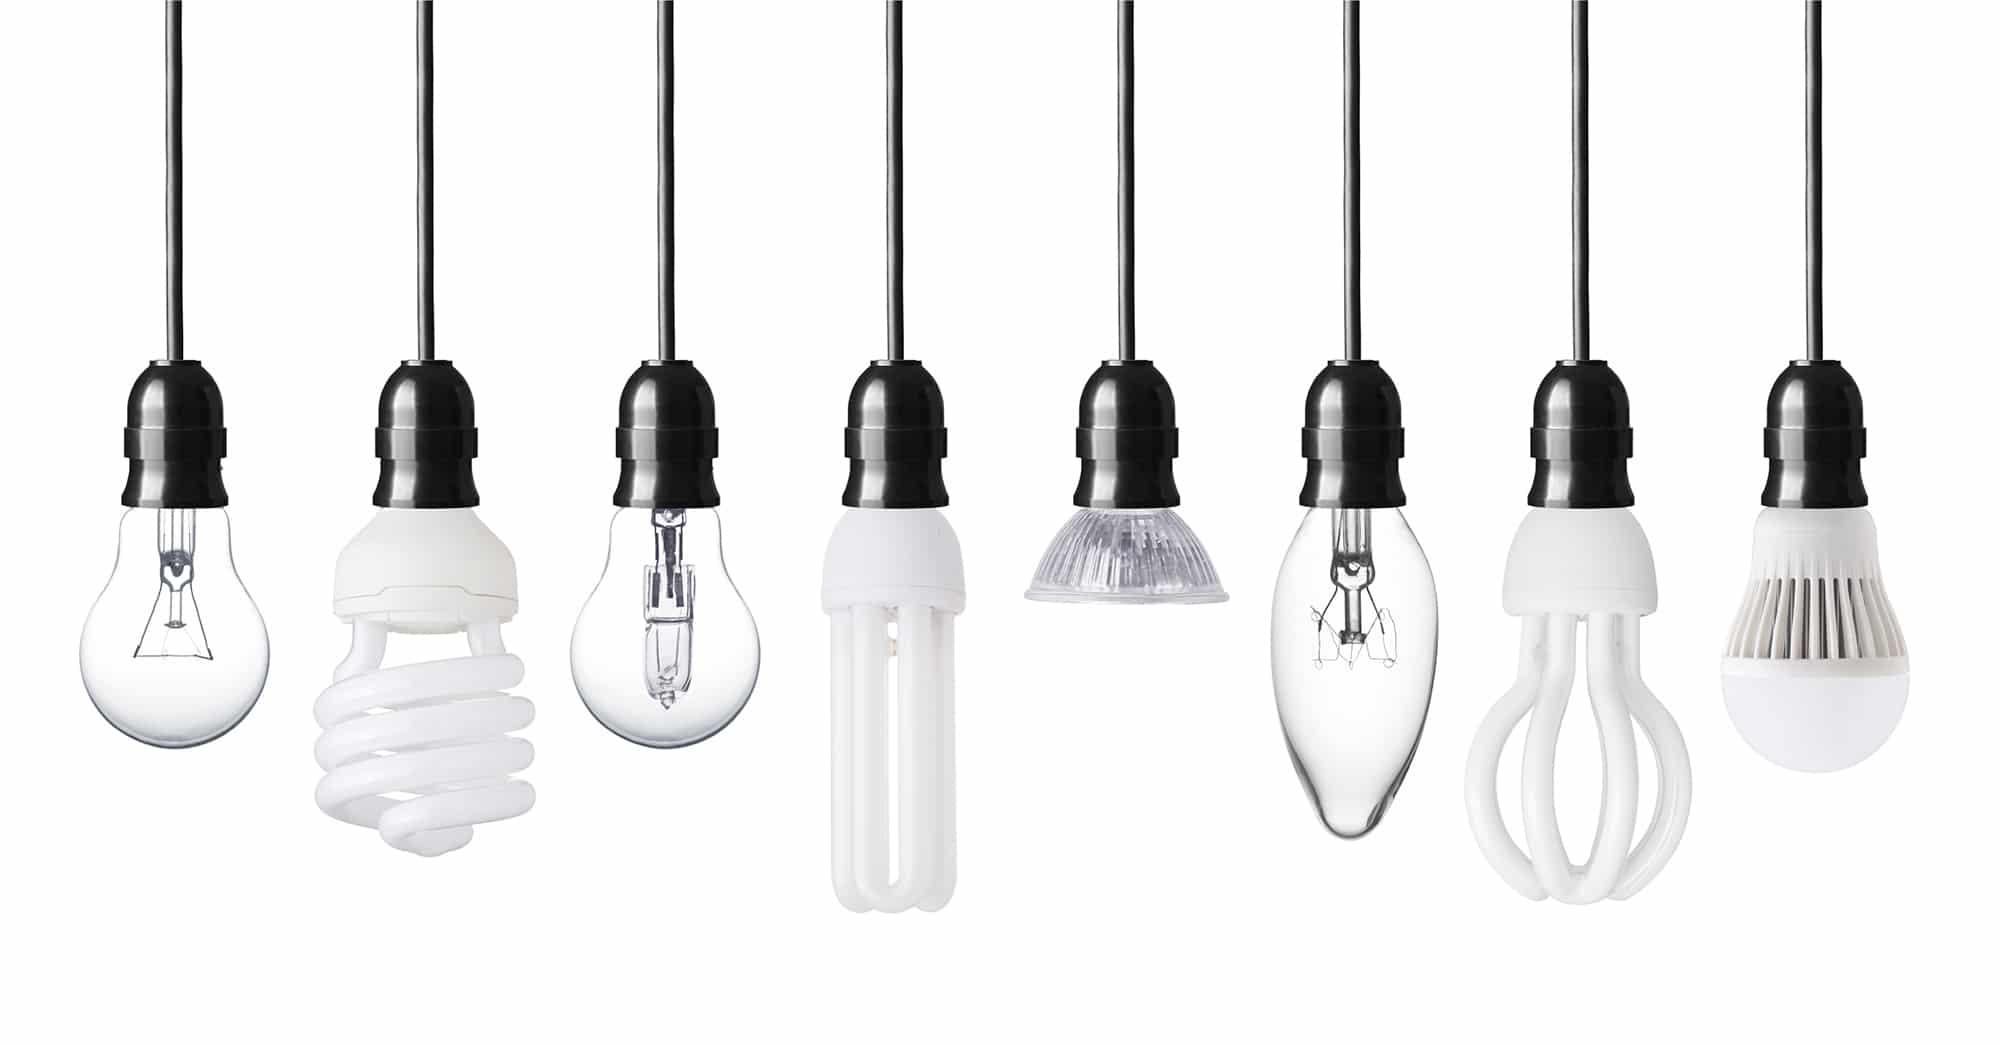 Новости Днепра про Электростандарт-центр – качественная светотехника в ассортименте